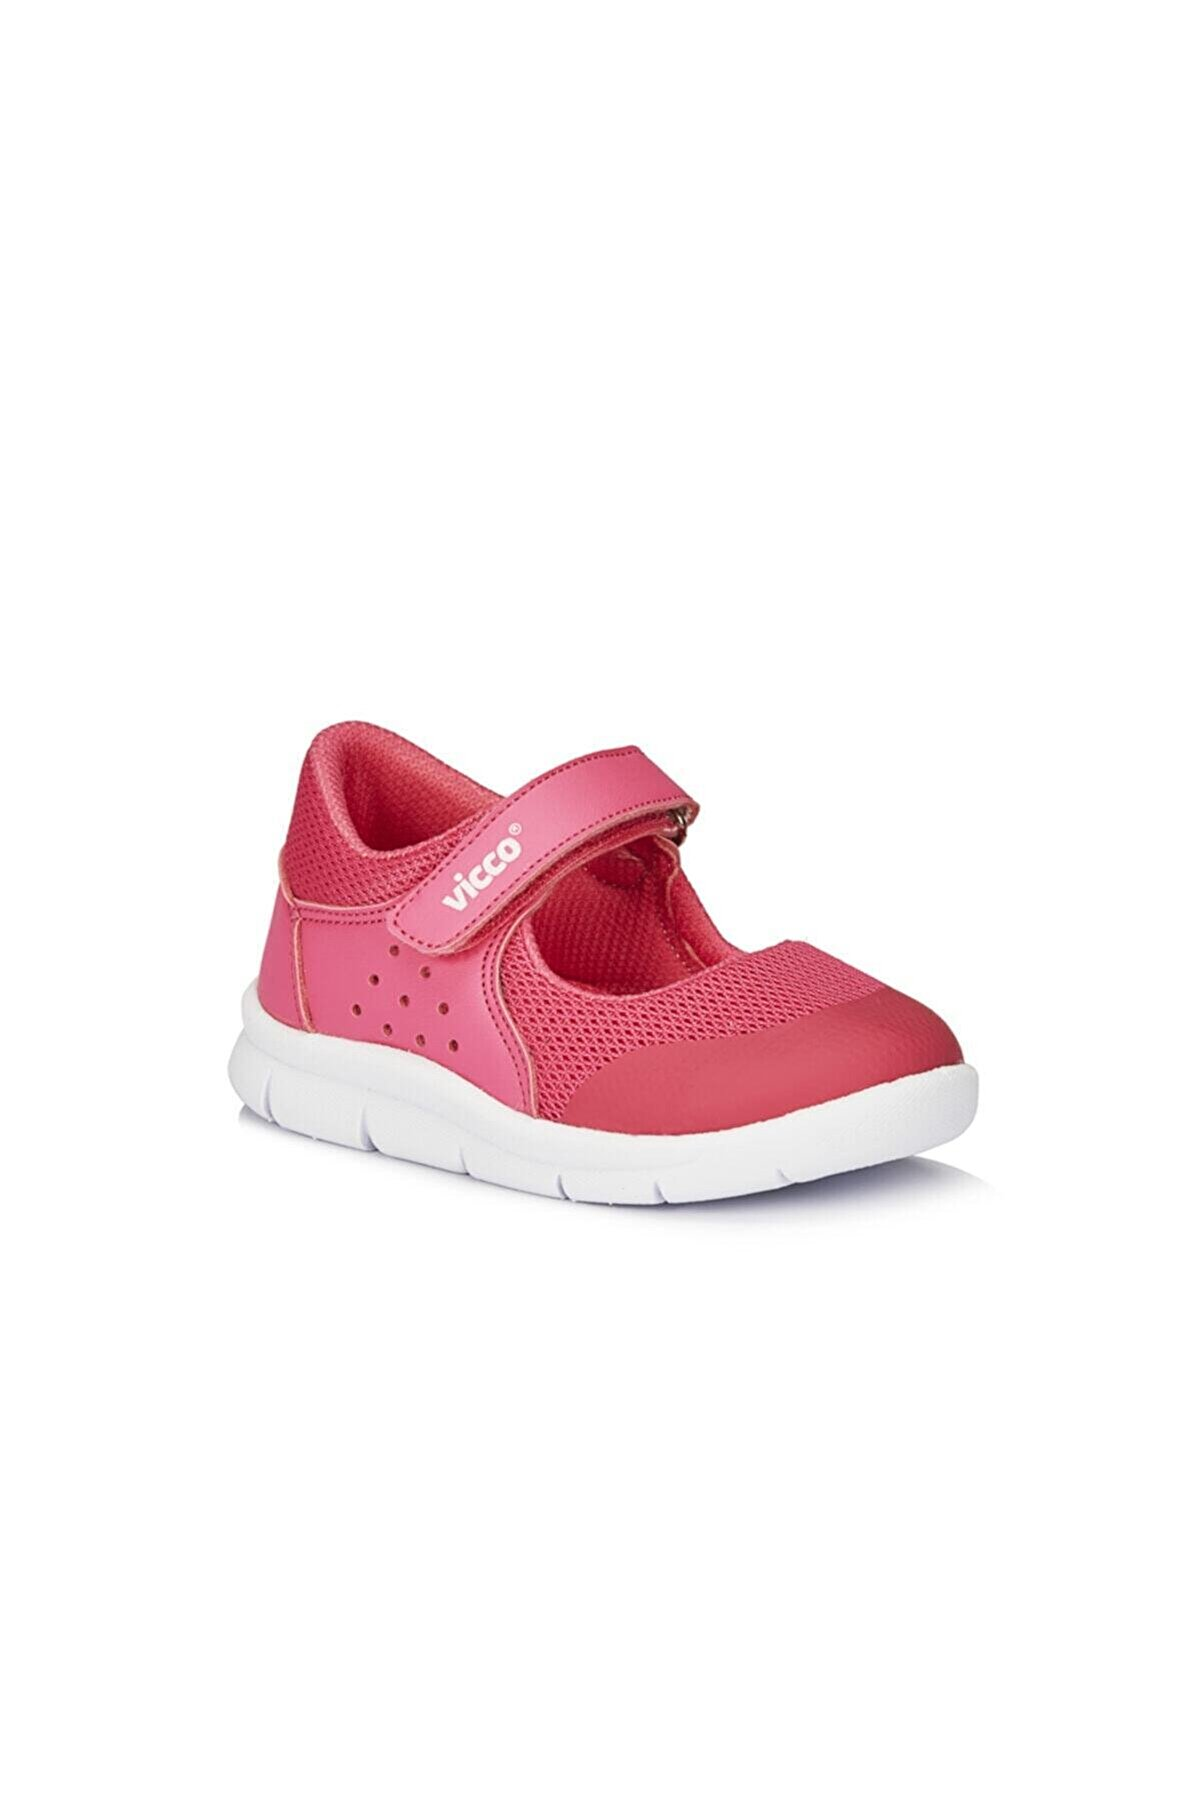 Vicco Fuşya Çocuk Ortopedik Babet Ayakkabı